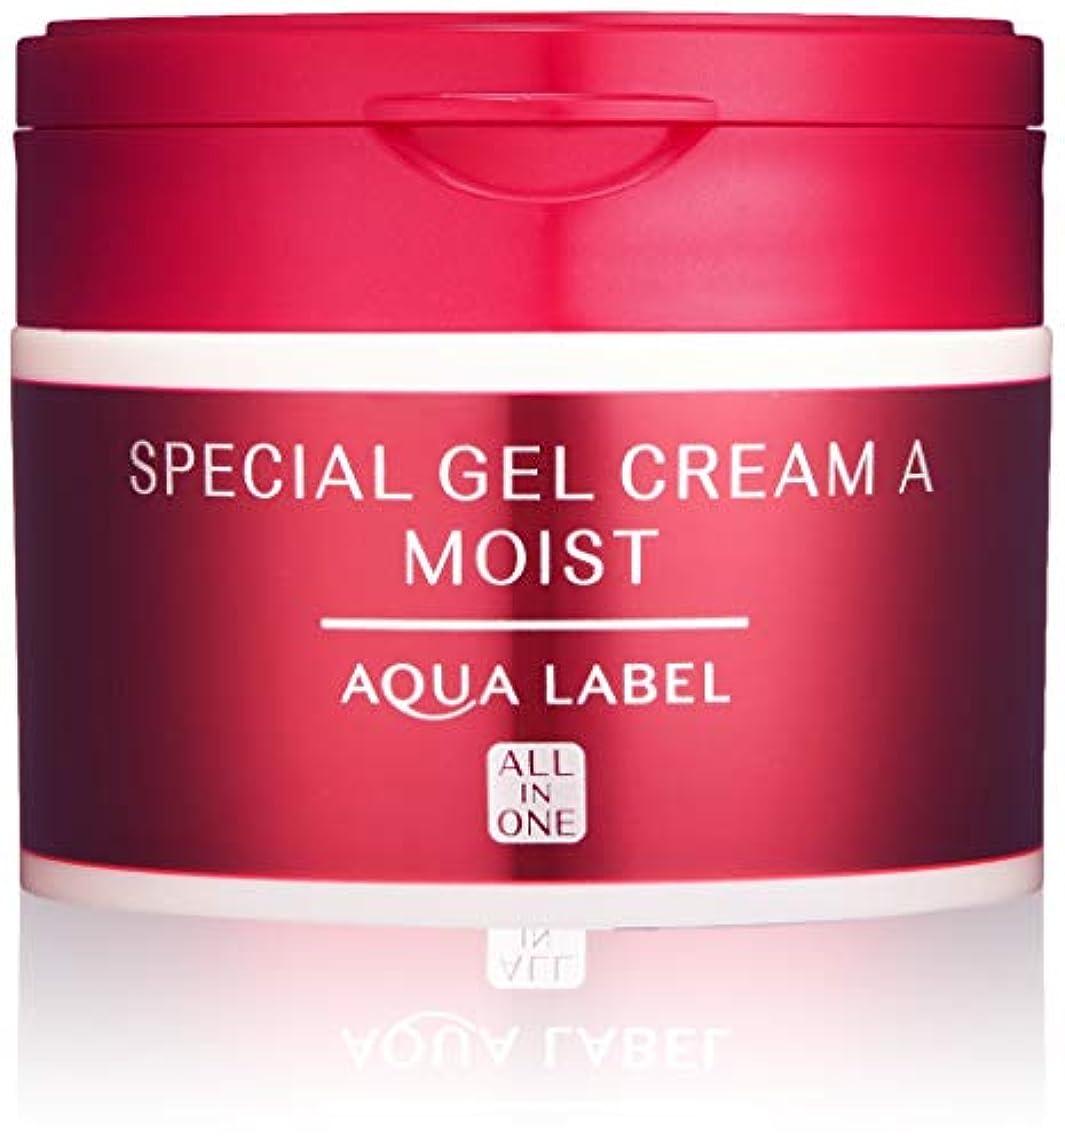 畝間豊富な幽霊AQUALABEL(アクアレーベル) アクアレーベル スペシャルジェルクリームA (モイスト) ハーバルローズの優しい香り 単品 90g